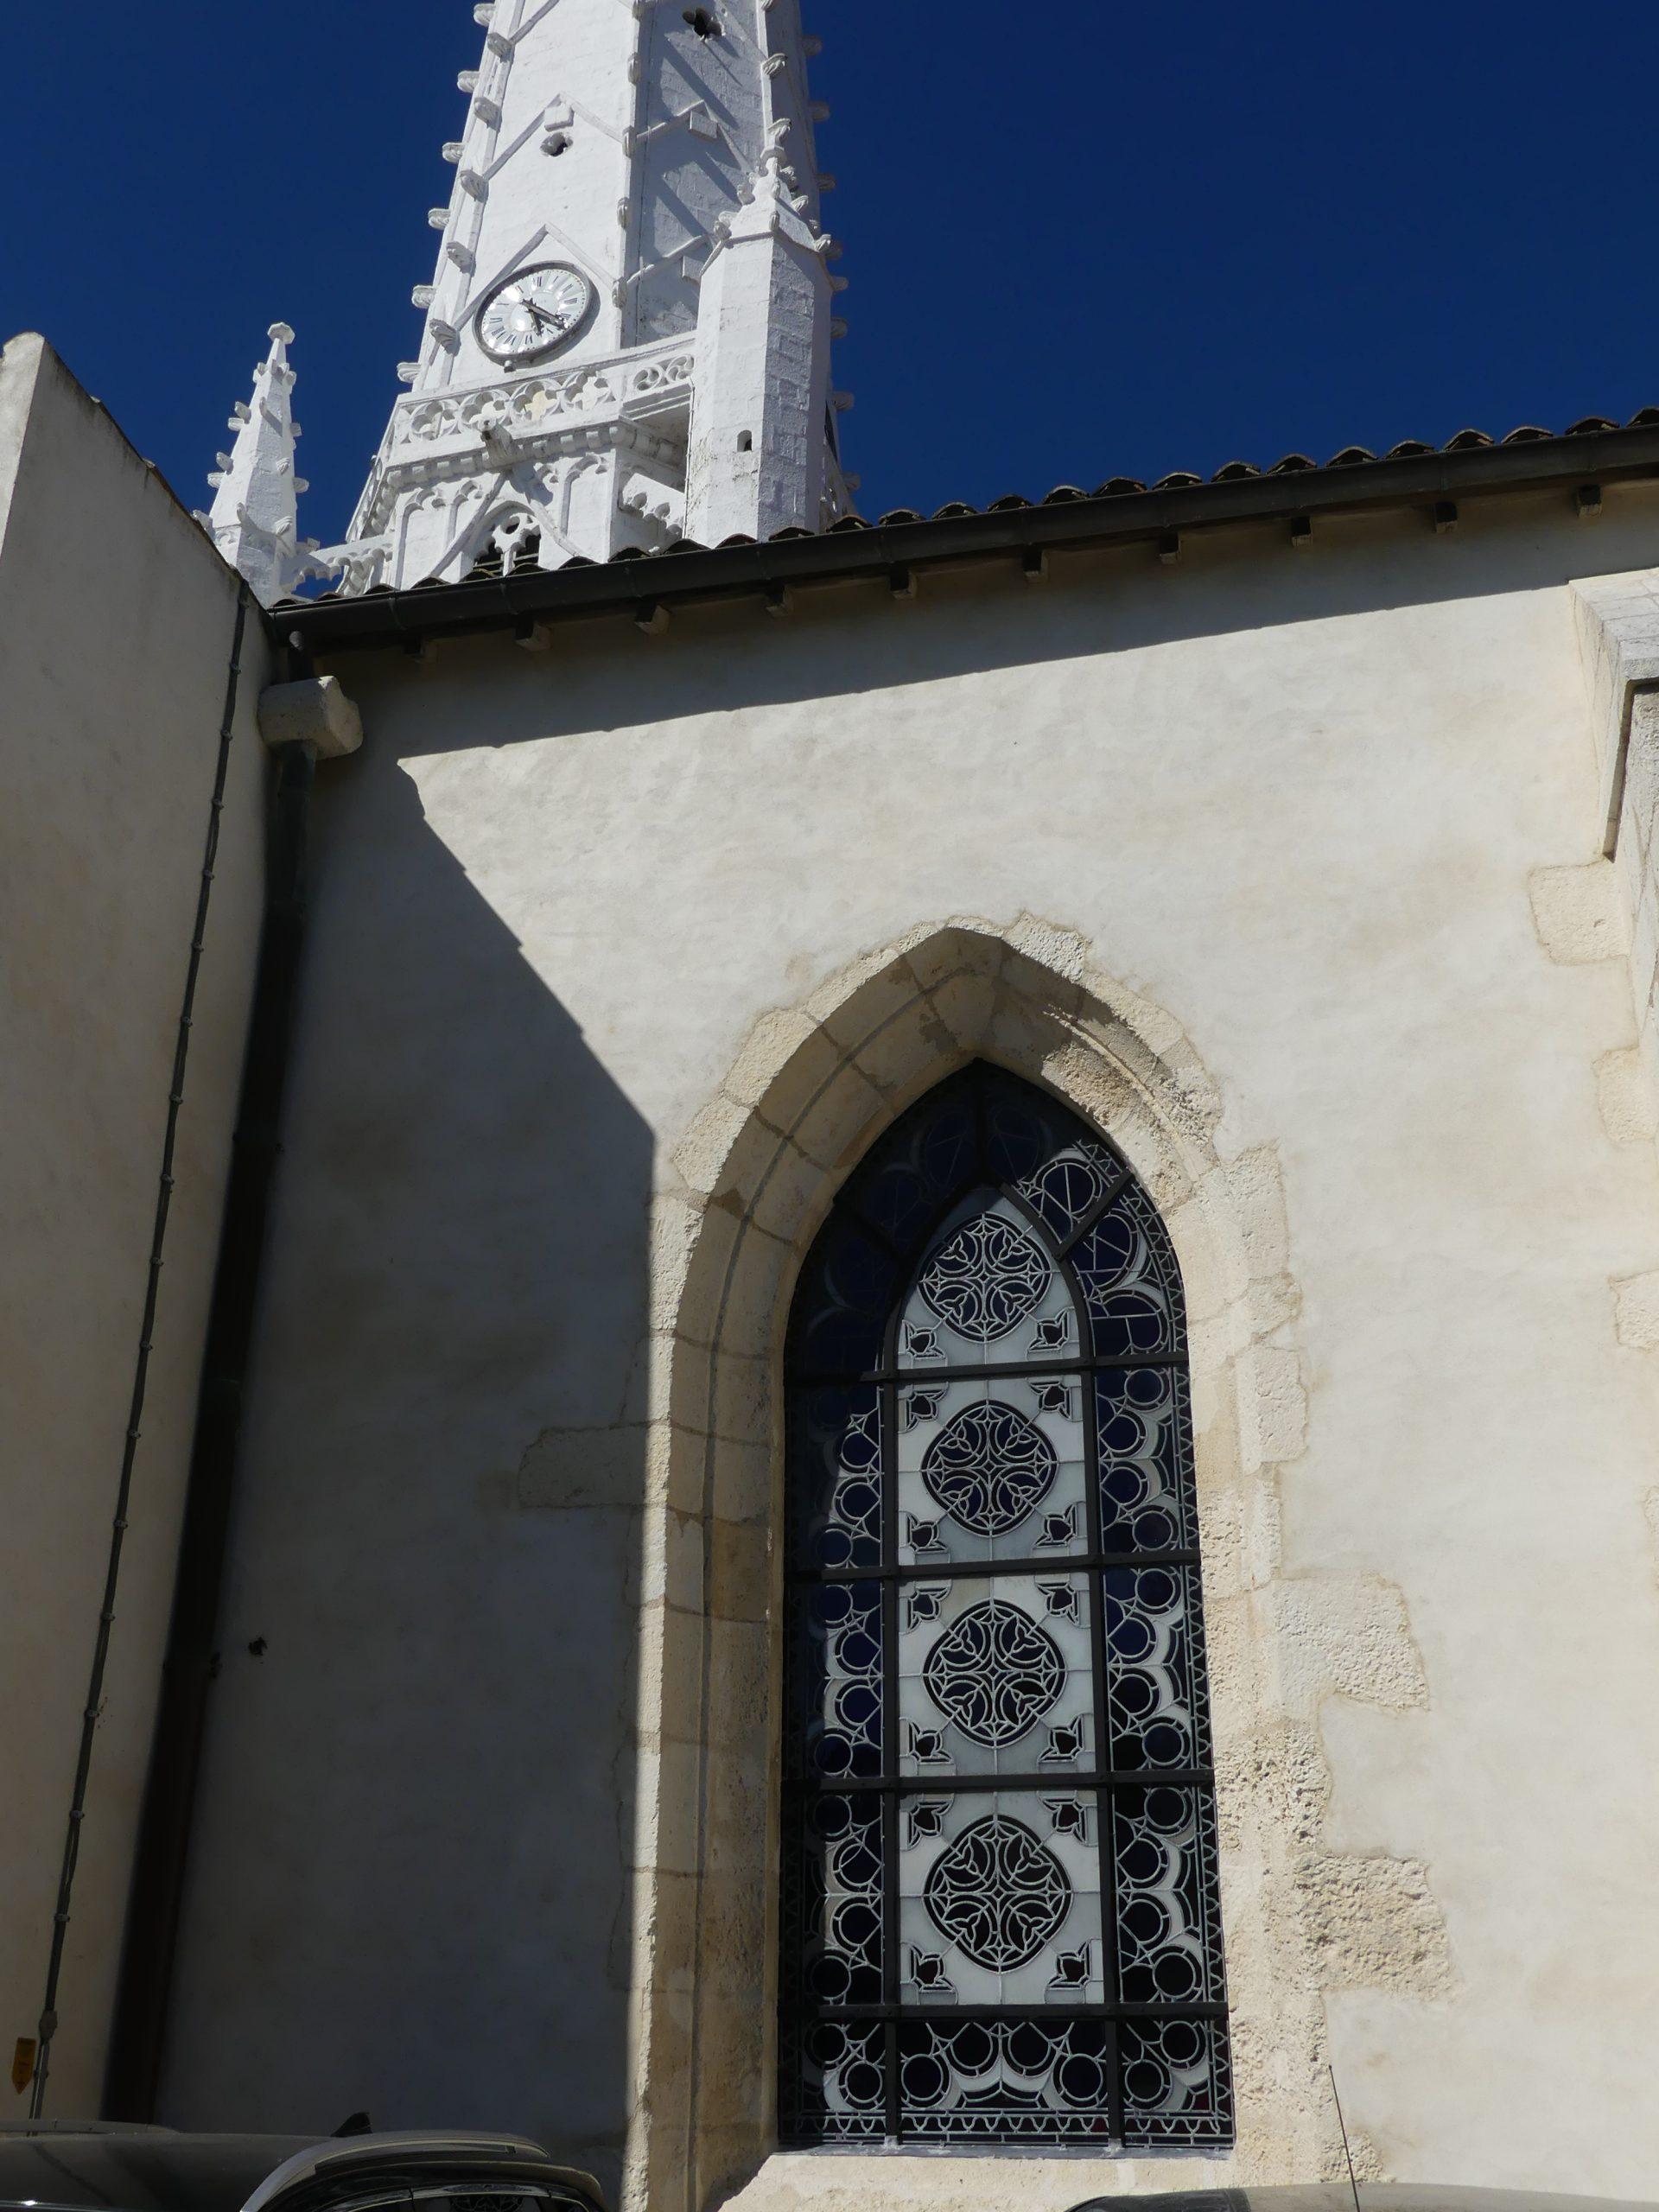 Ars - Eglise - Vitraux - 19 mai 2020